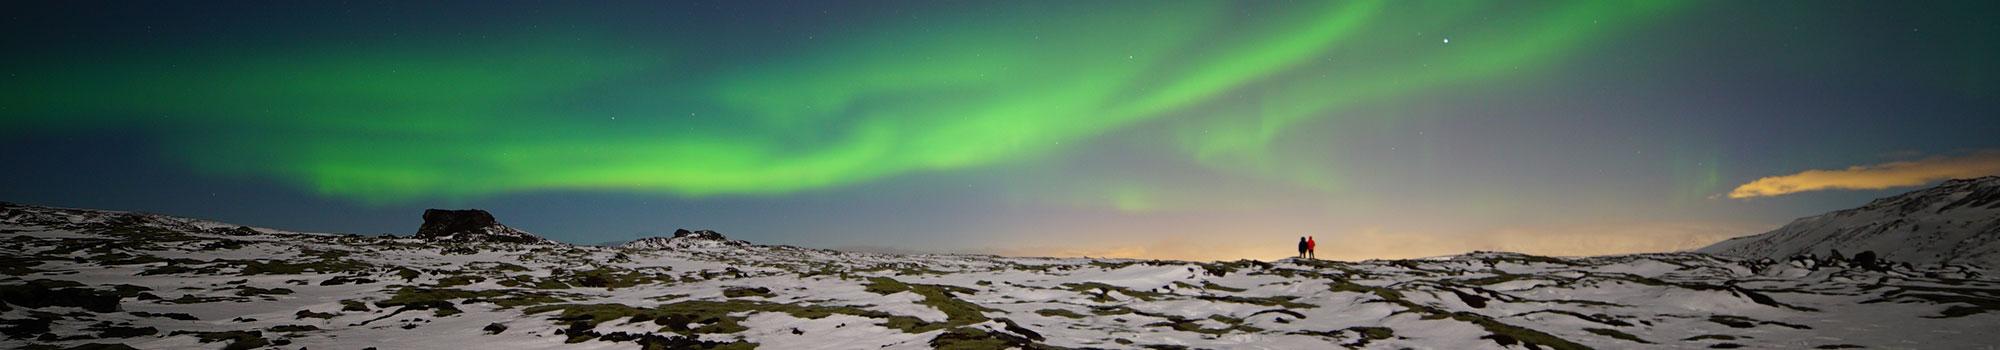 green-auroras-iceland